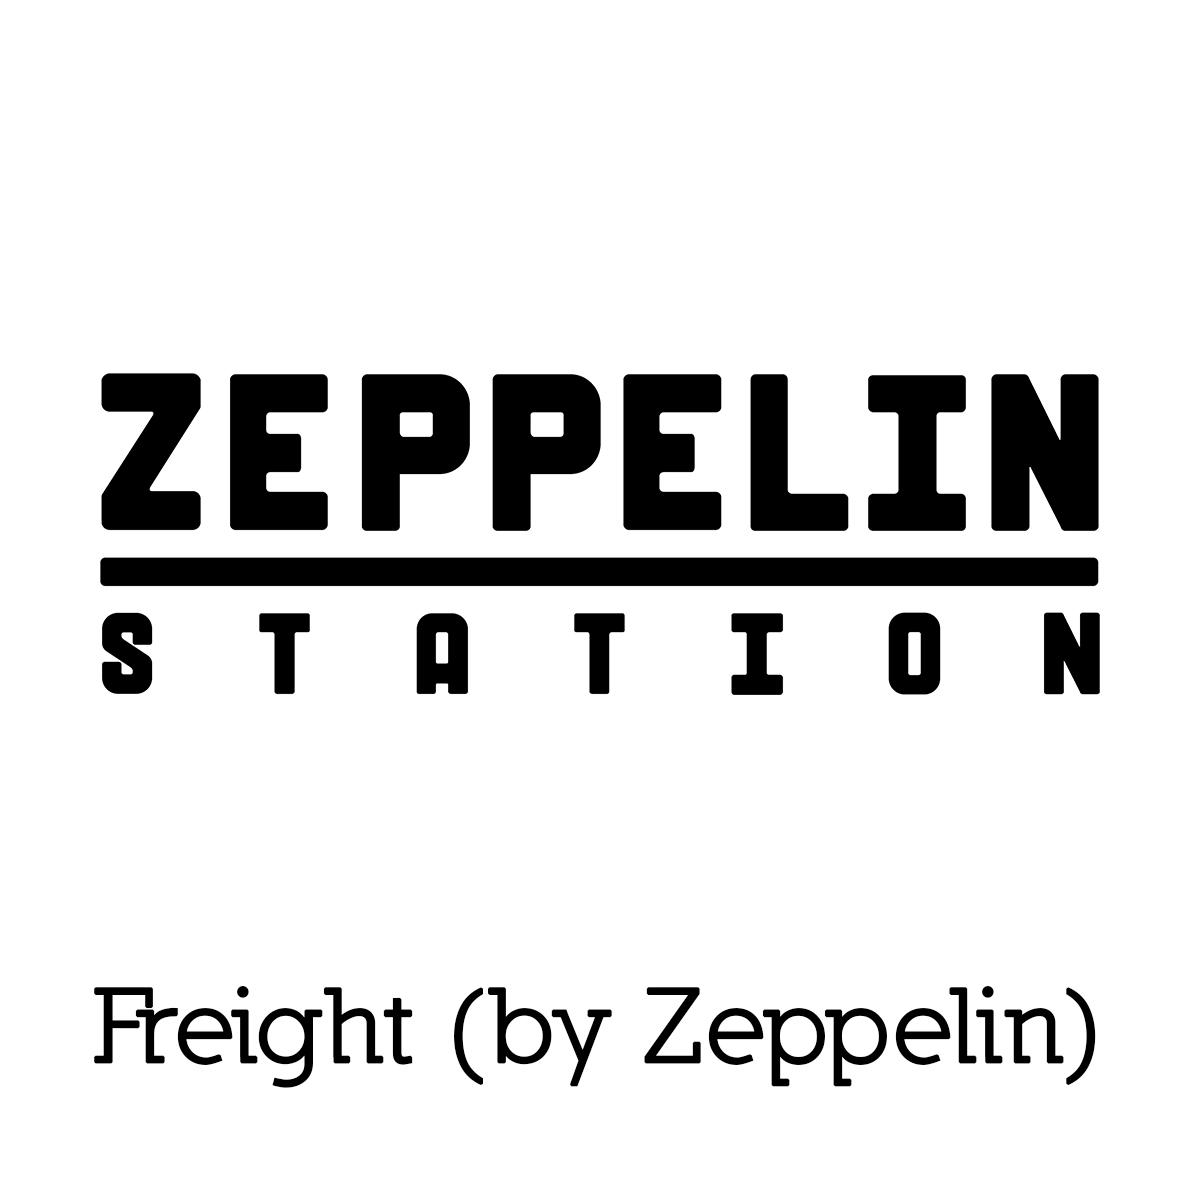 zeppelin station_resized-for-web.jpg